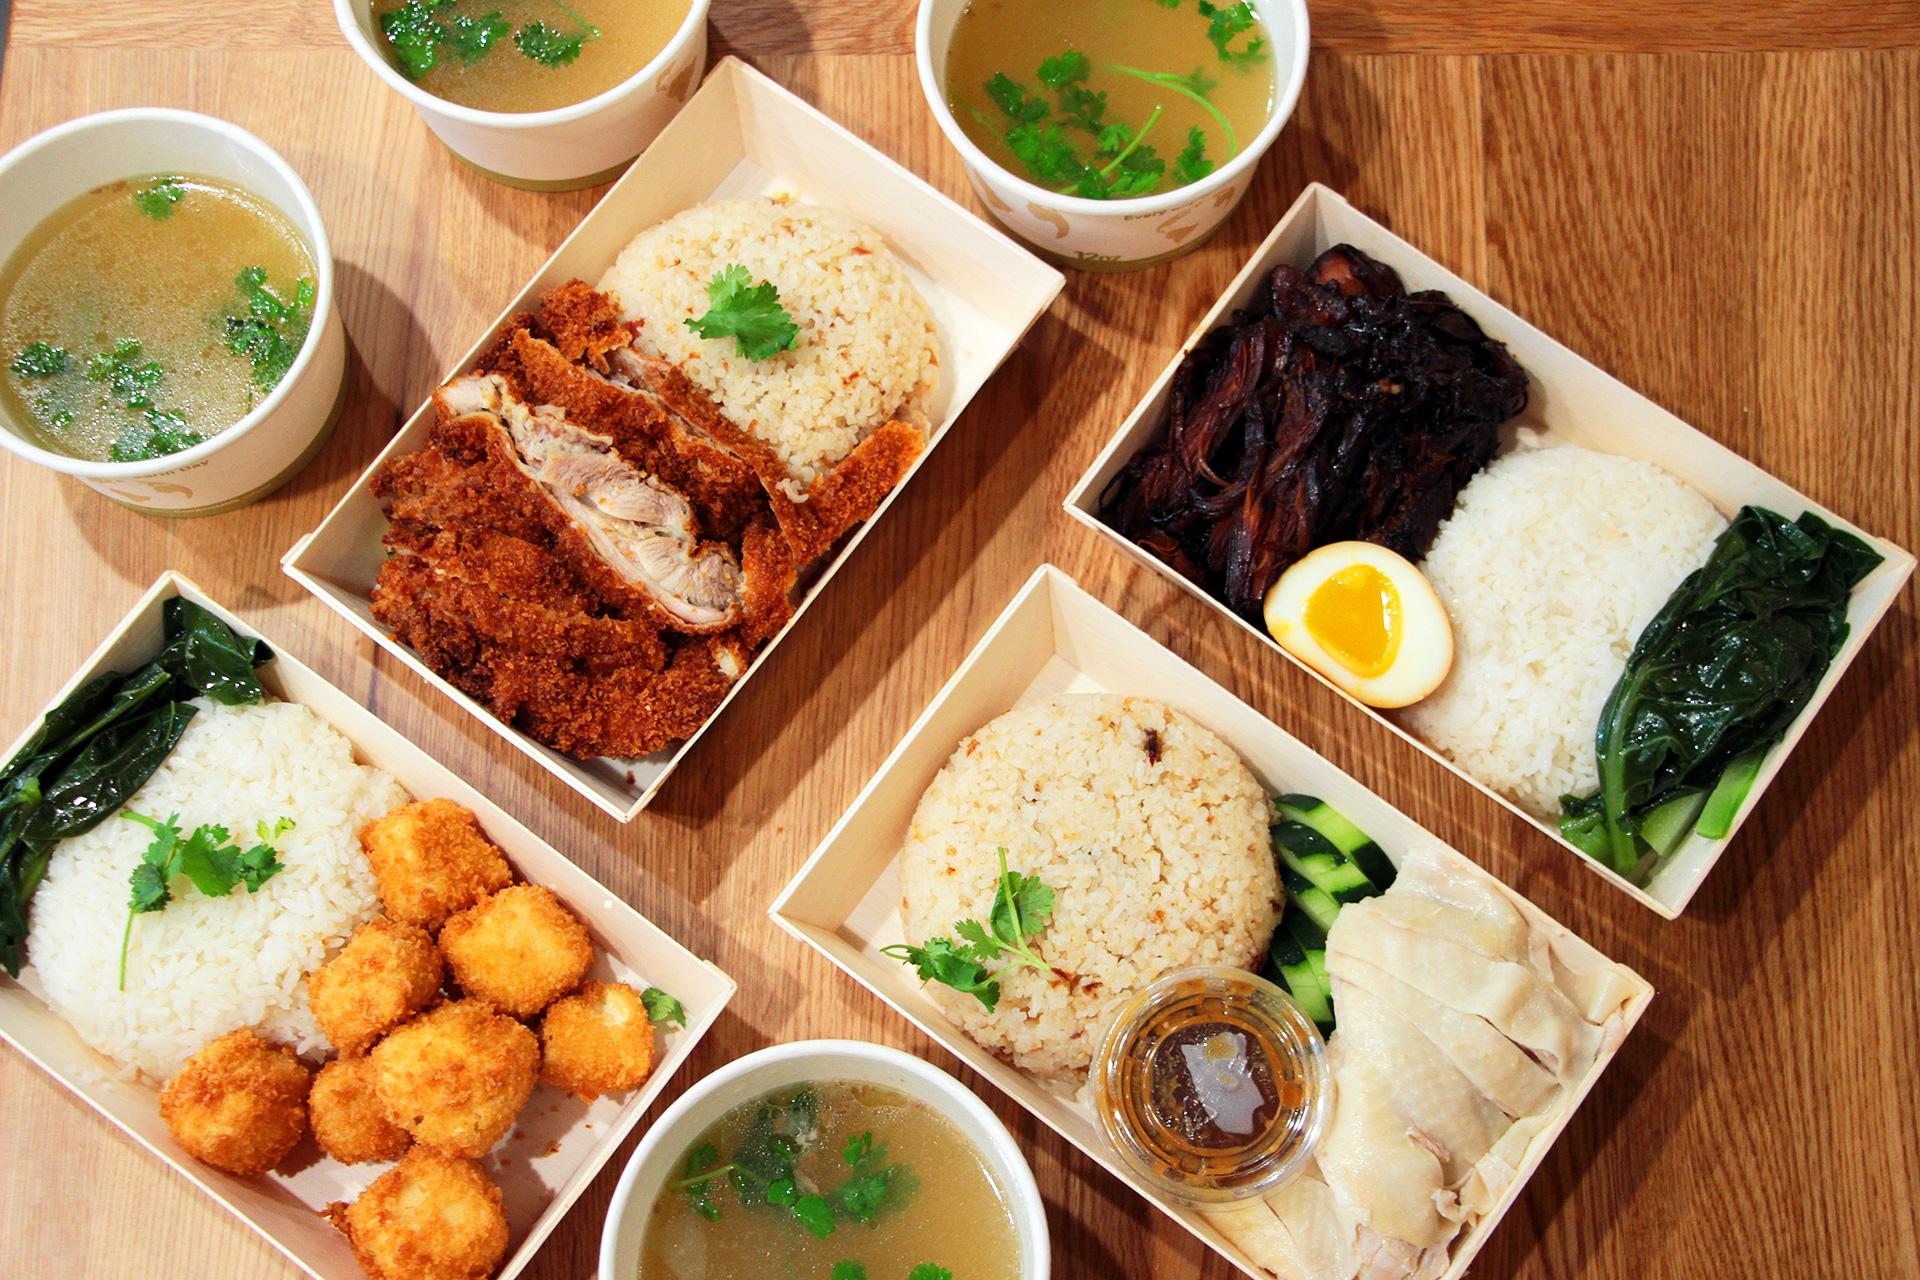 All menu items at Chick'n Rice